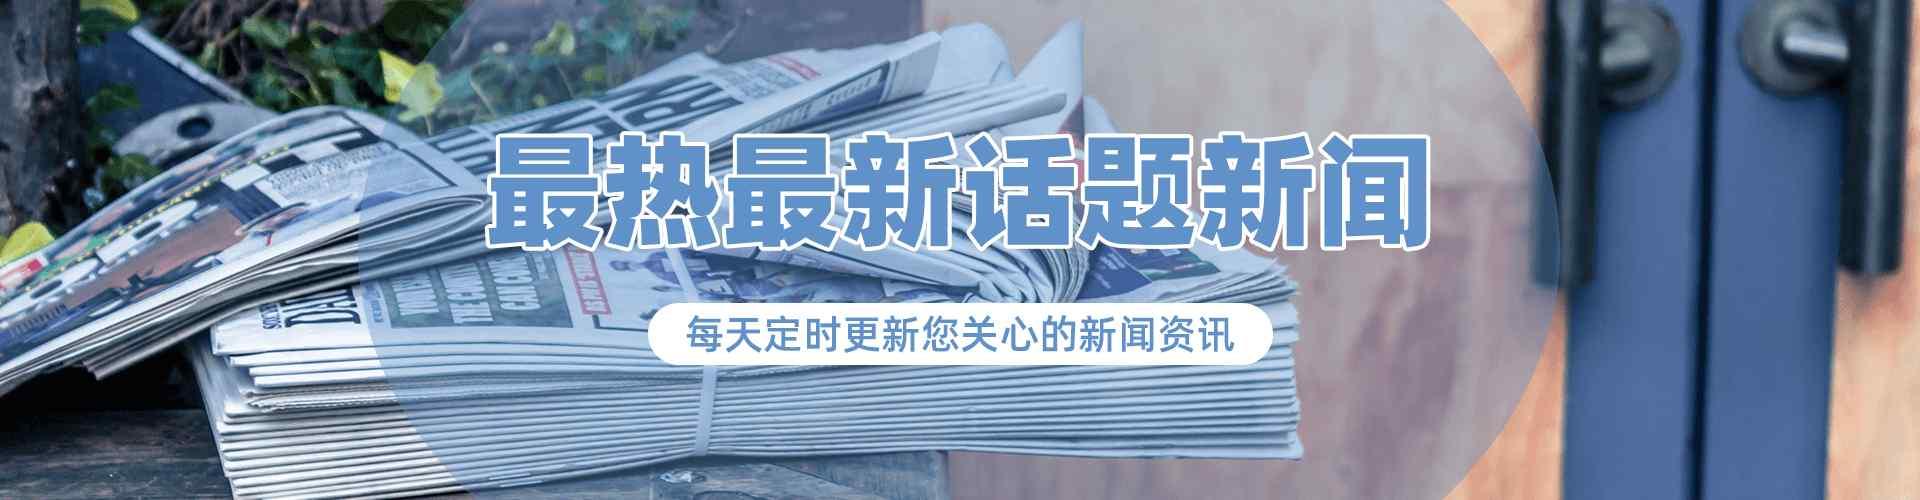 广州试管婴儿